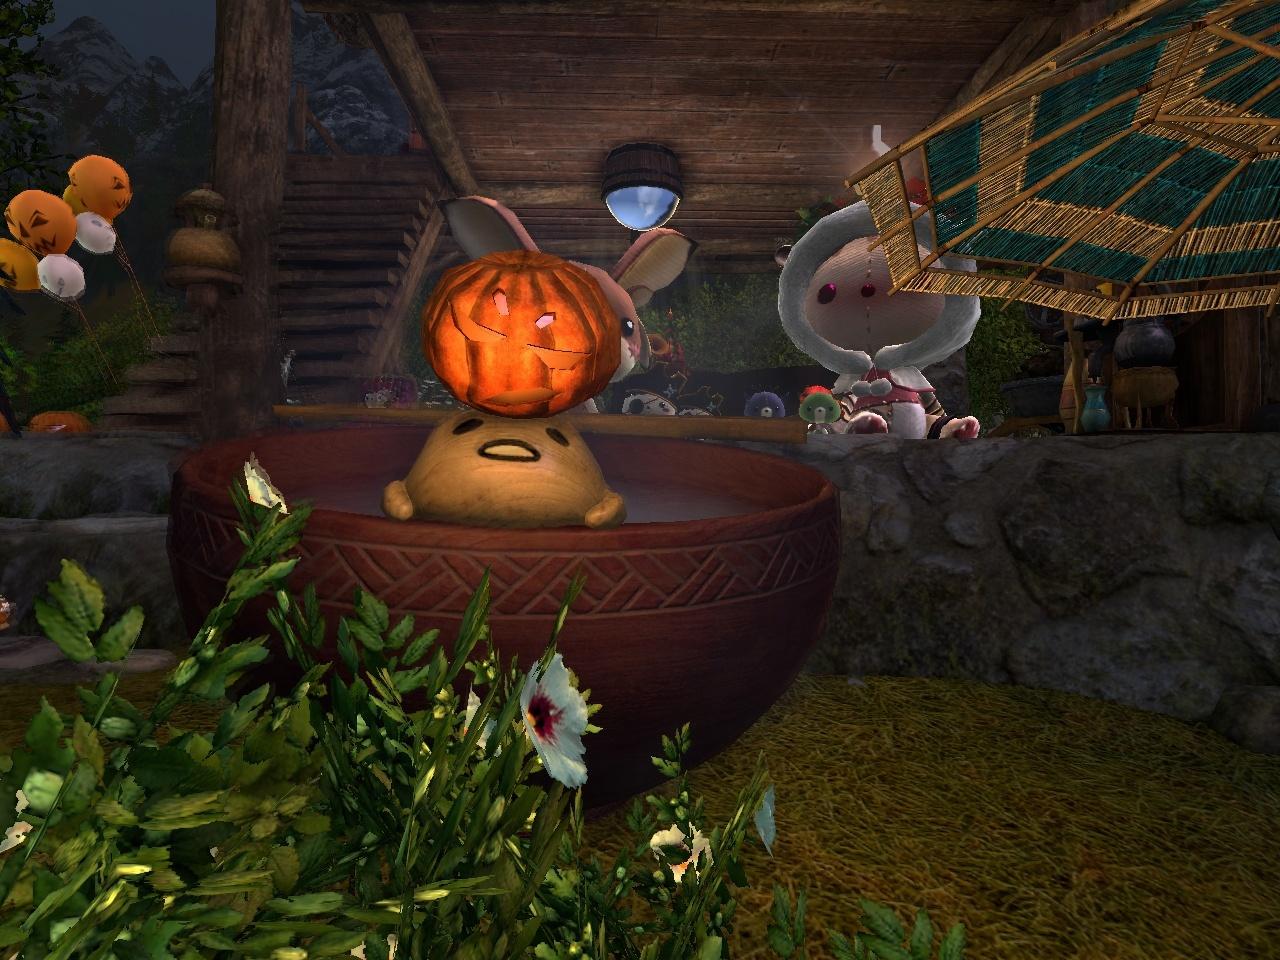 かぼちゃランプ